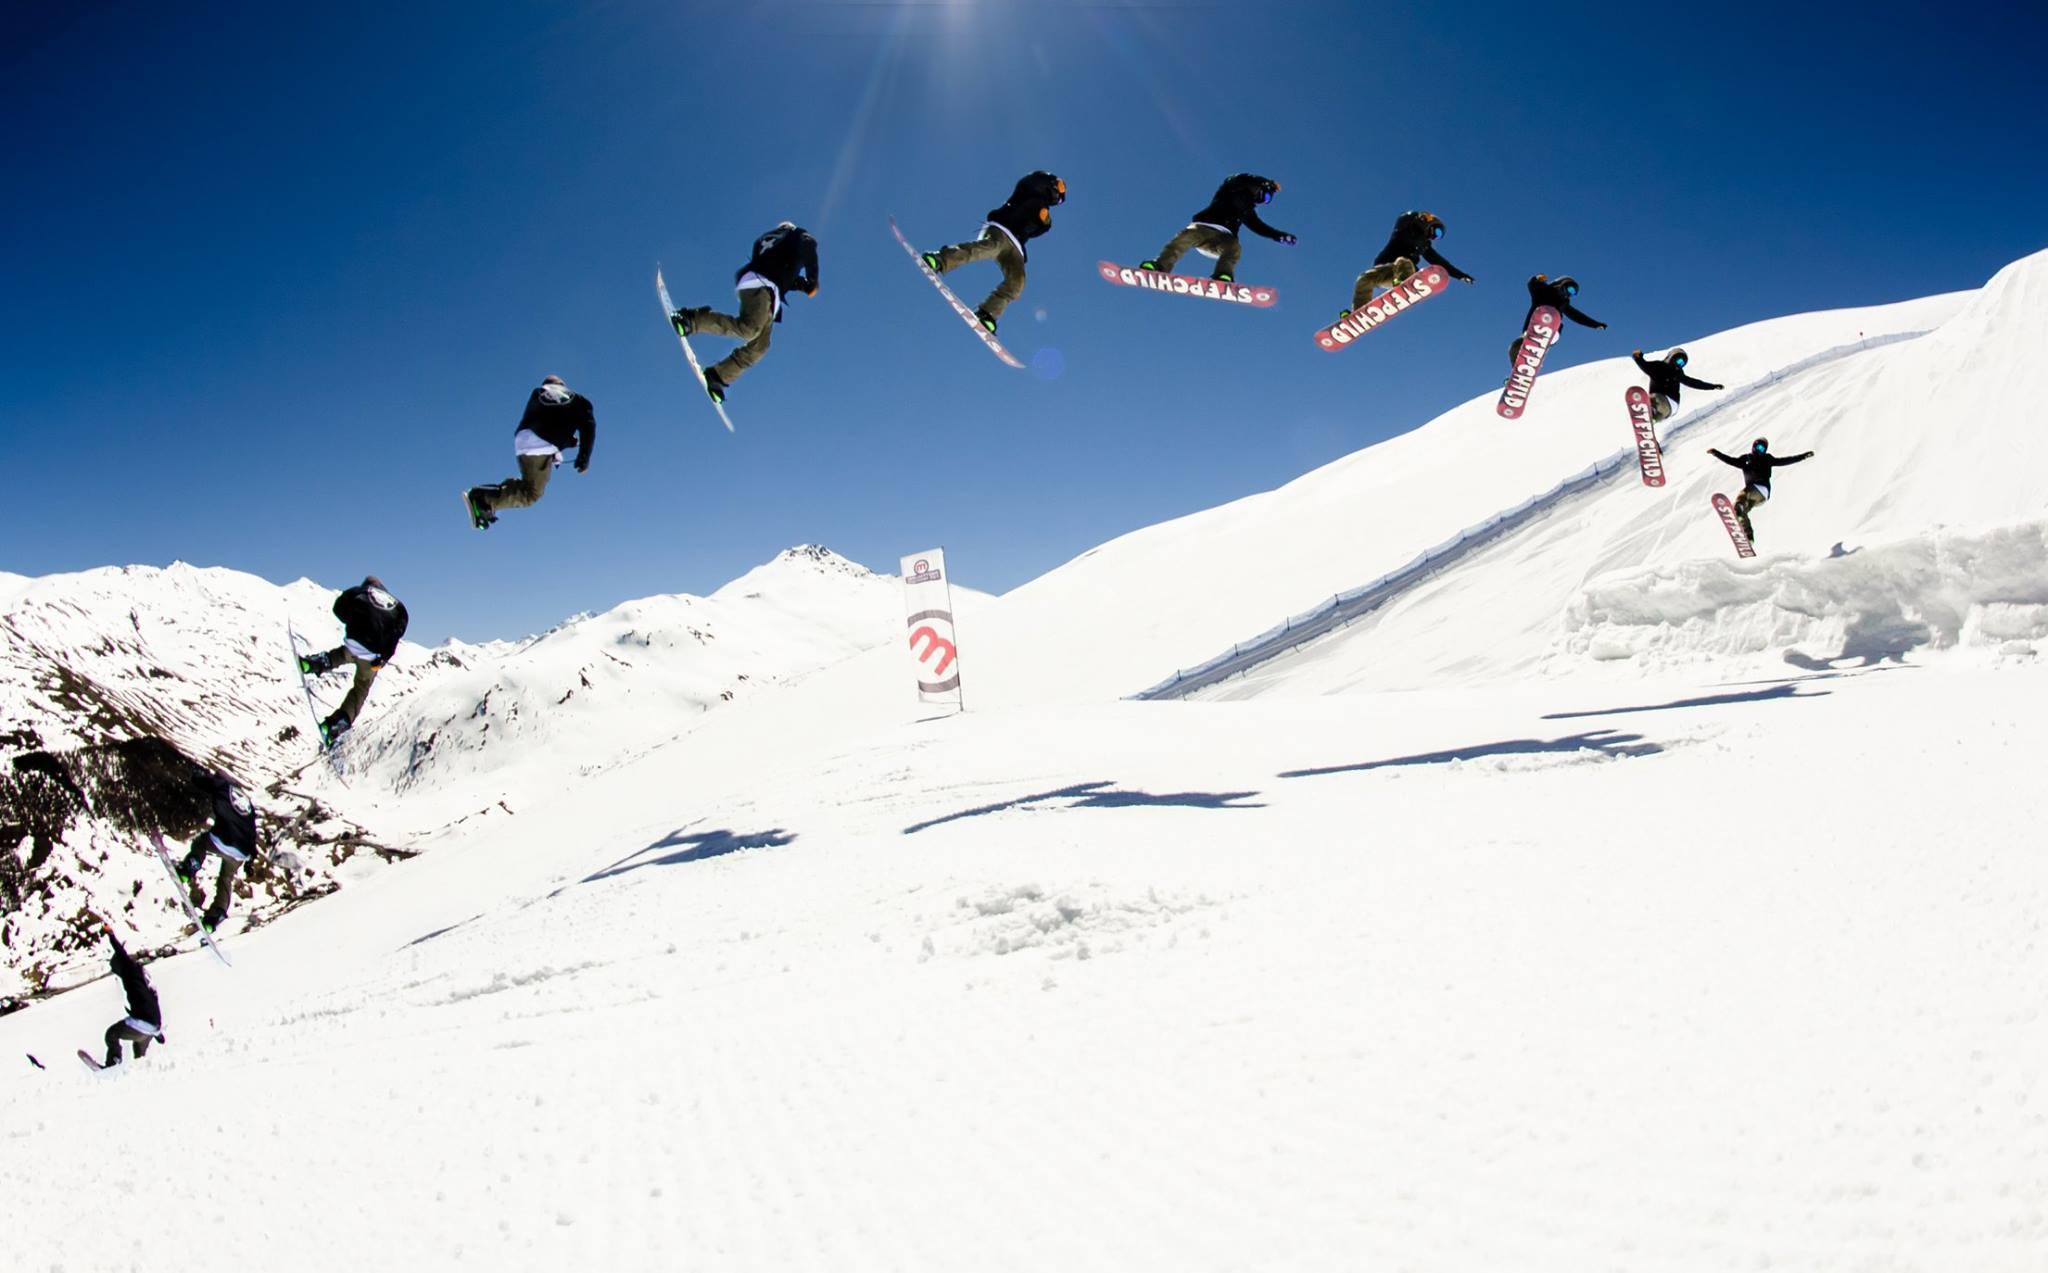 livigno, livigno camp, wyjazd sowboardowy, wyjazd narciarski, wyjazd studencko, szkolenei freestylowe, szkolenie snowboardowe, szarpnijsie , szarpnij się, szarpnijsie.pl